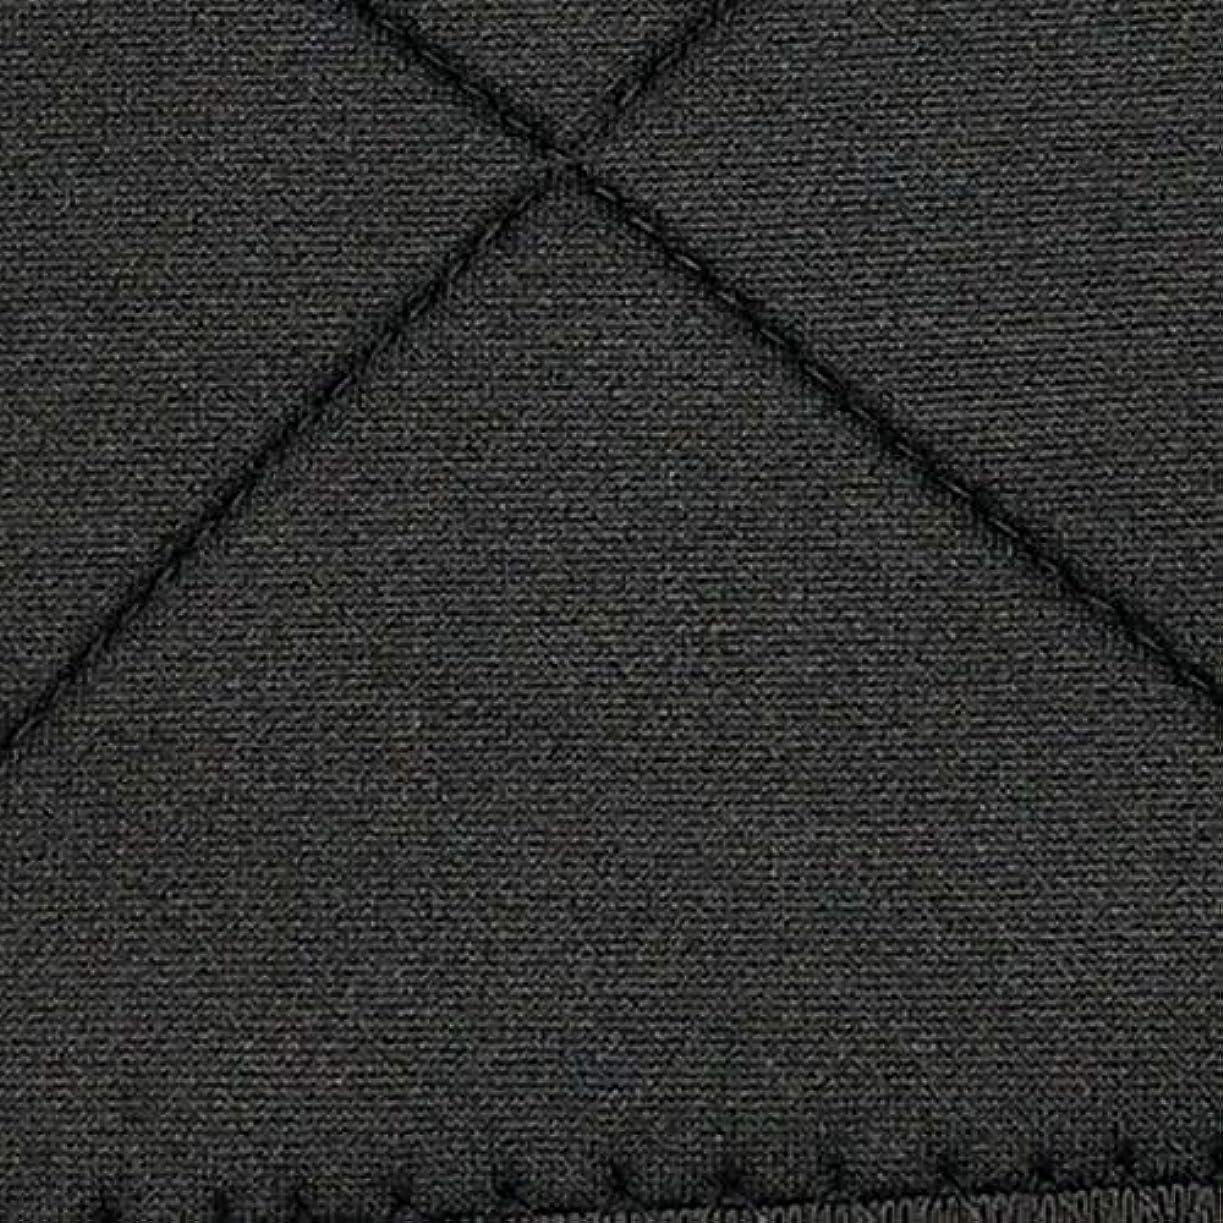 愛人空オーラルネオプレン姿勢矯正ショルダーバックサポート姿勢弯症バンド整形バックコルセットブレース(黒)